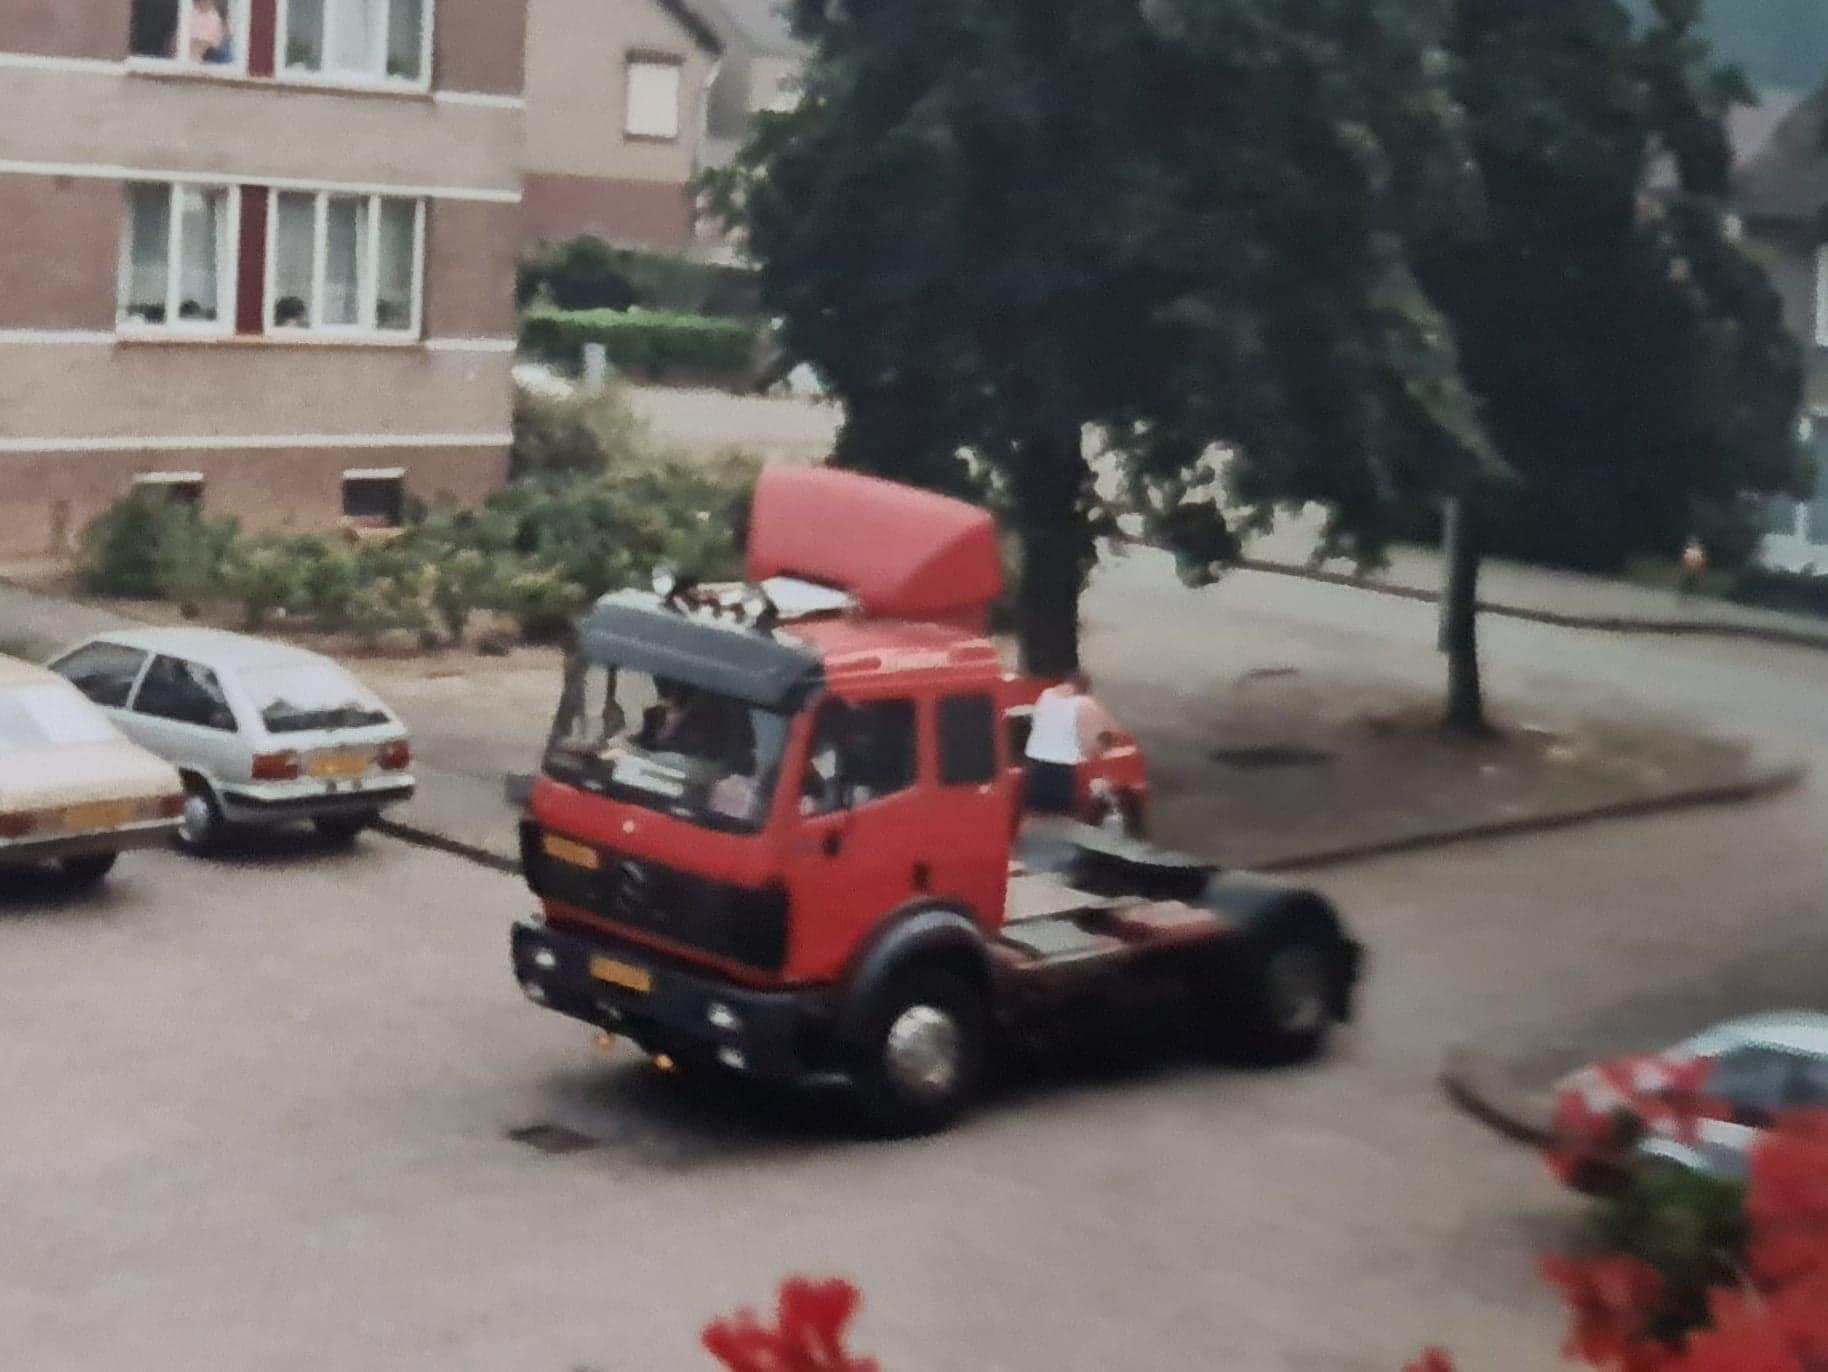 Bennie-Tijssen-met-de-Mercedes-van-de-boma-(2)